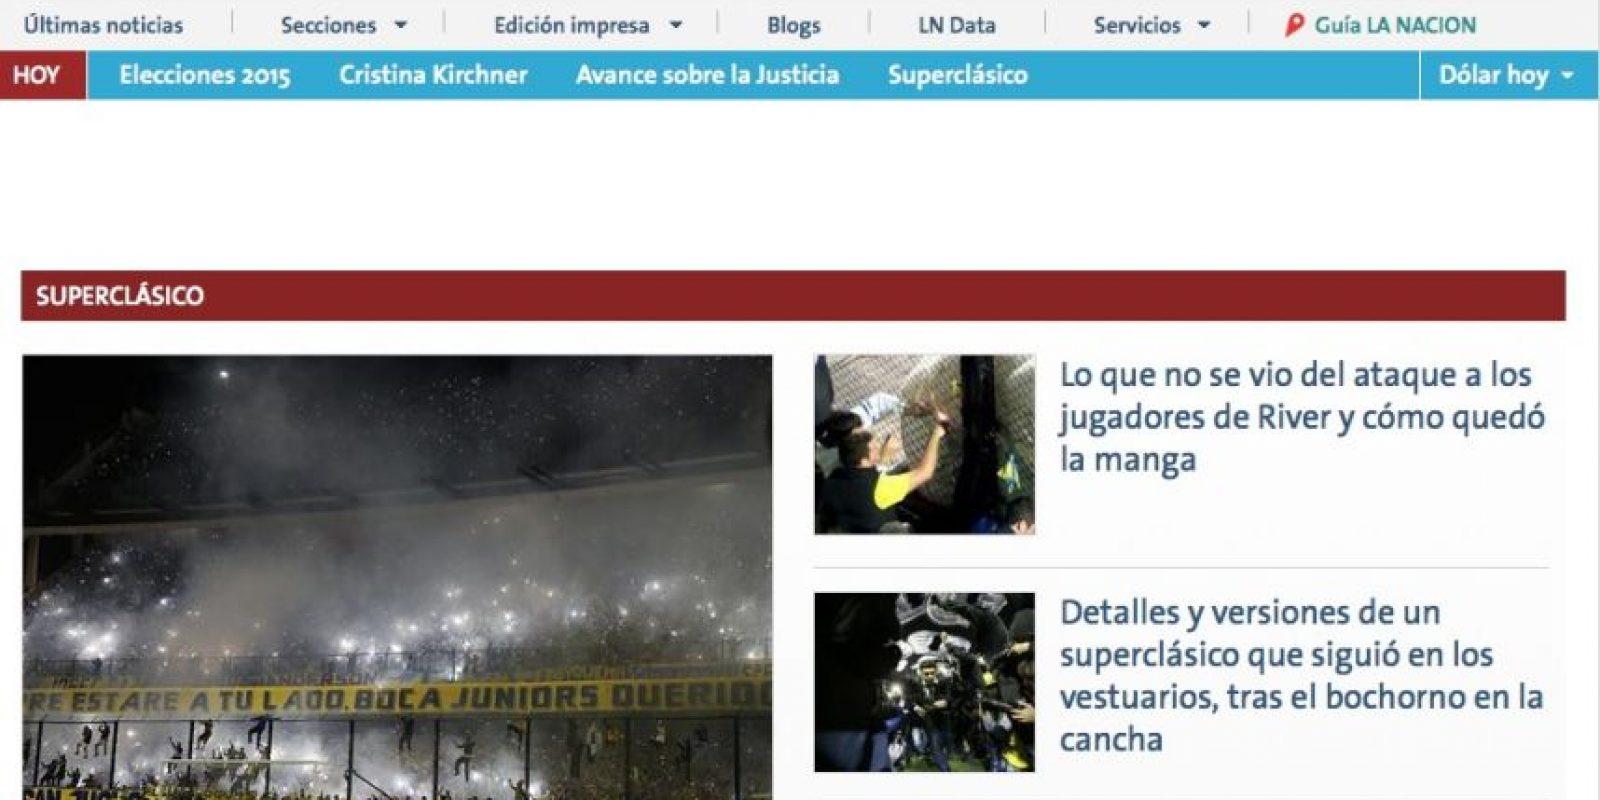 La Nación Foto:Lanacion.com.ar